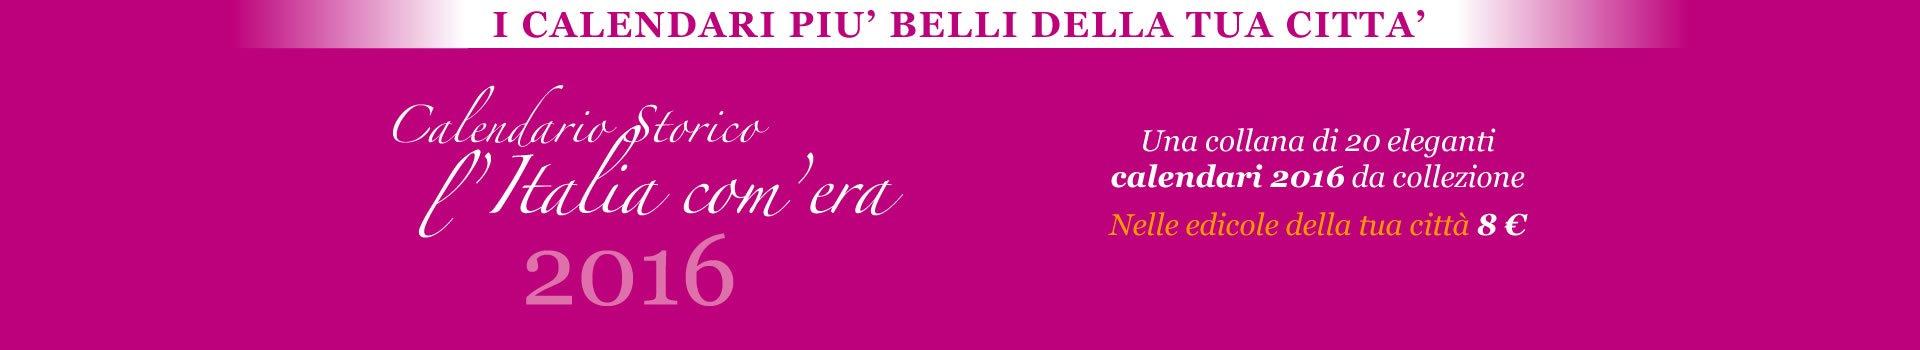 Calendario Storico 2016 l'Italia com'era